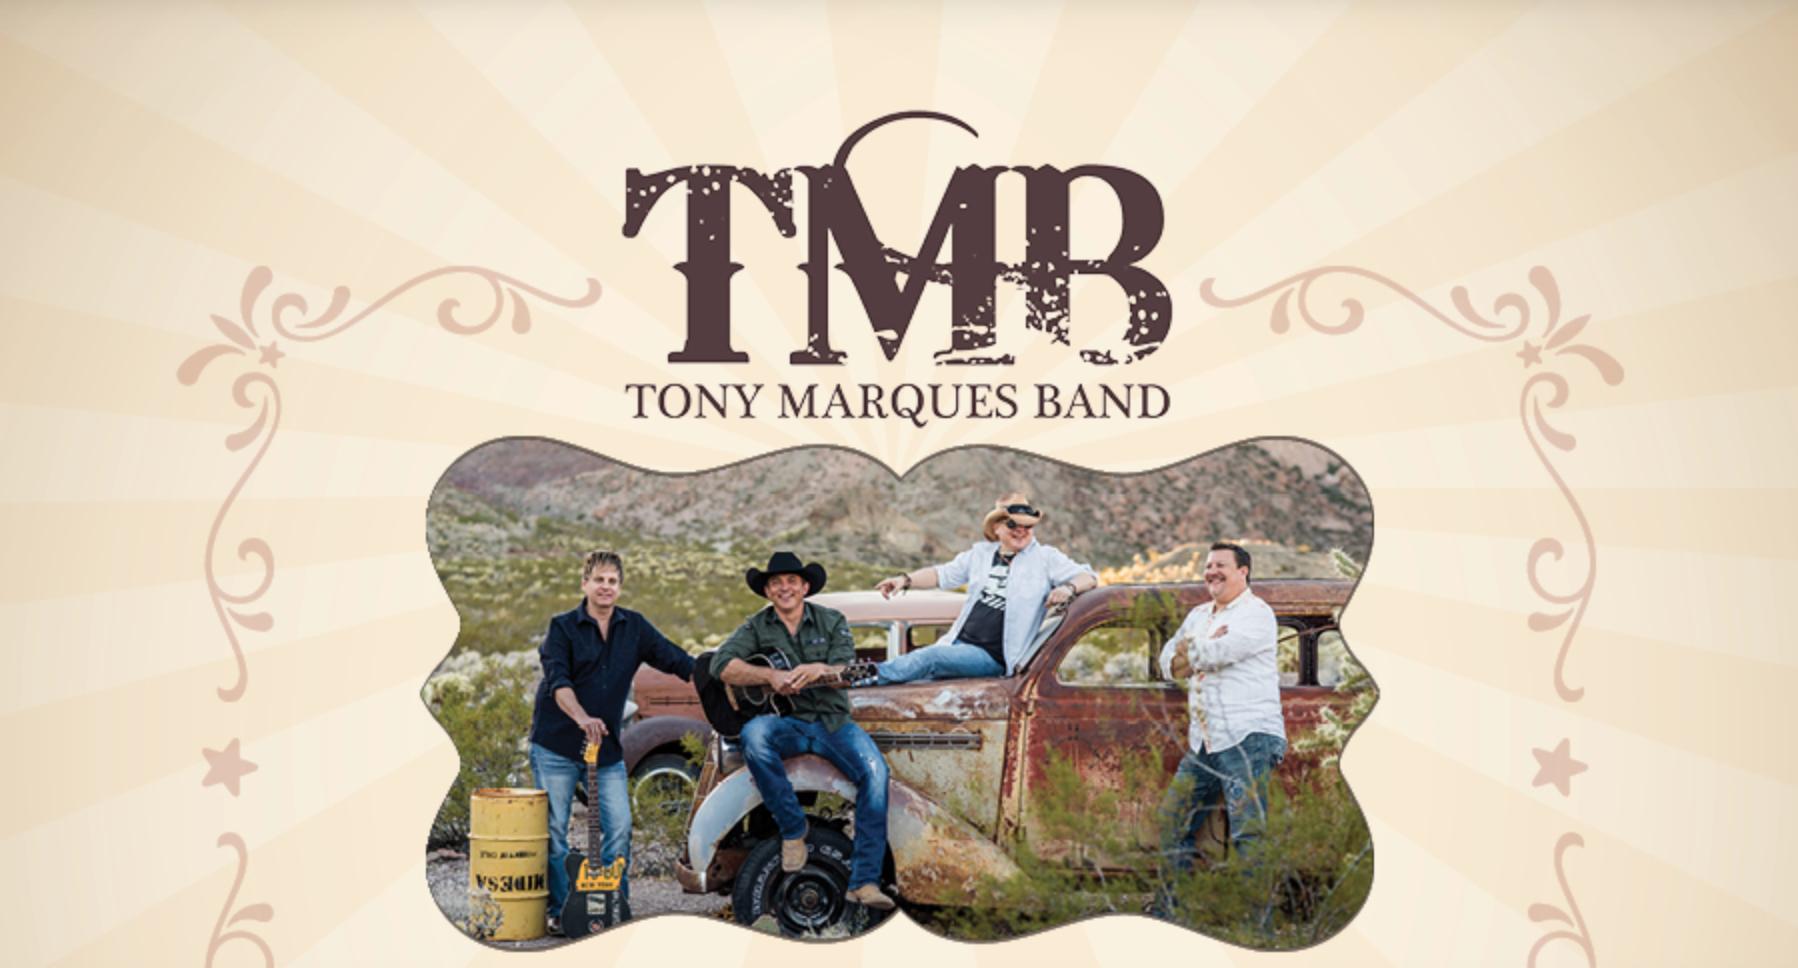 Tony Marques Band